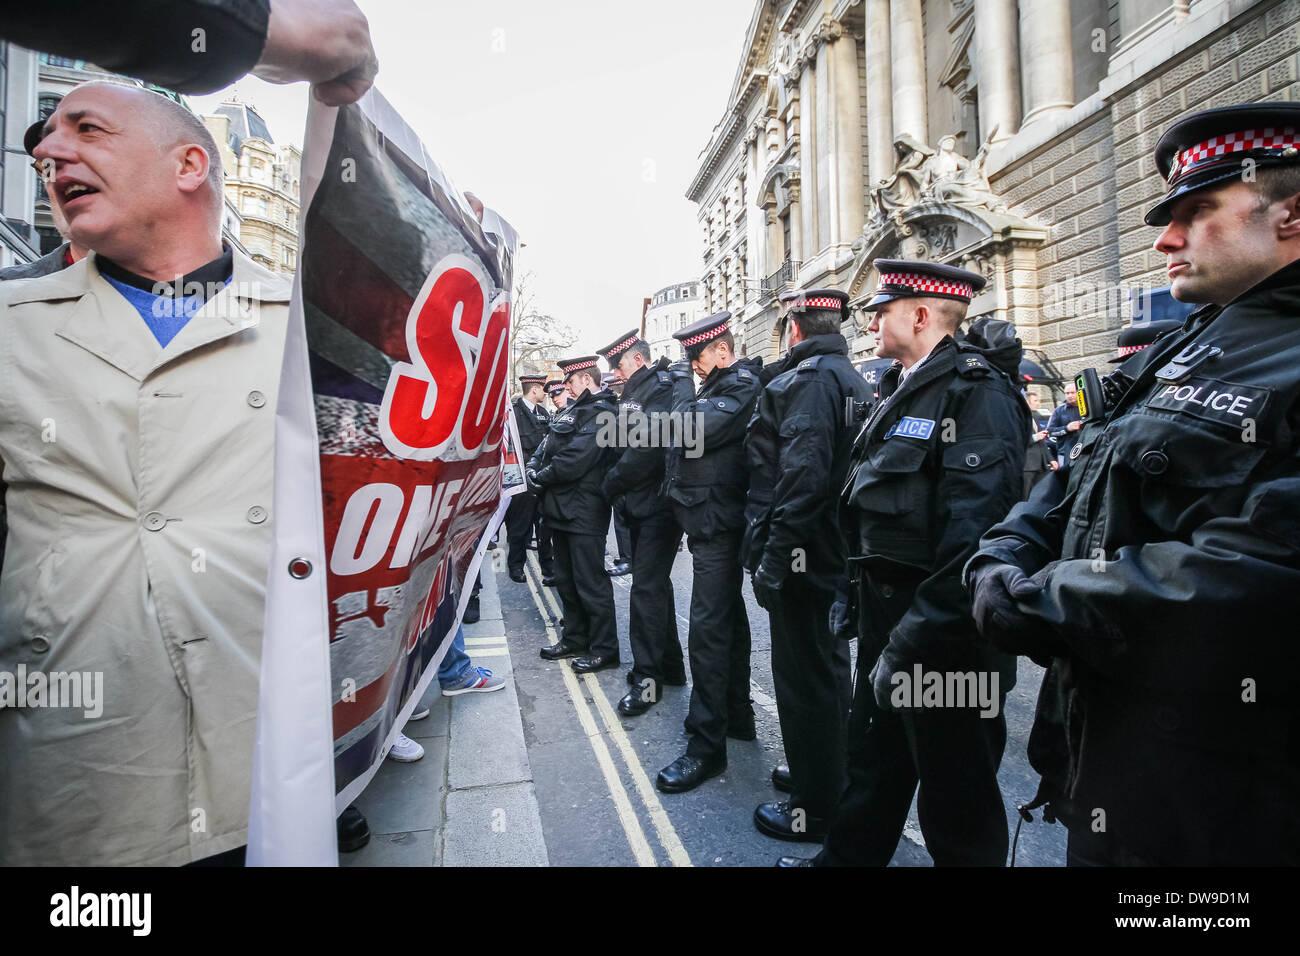 Britische fernen rechten nationalistischen Gruppen außerhalb der Old Bailey Gericht in London am Tag der Urteilsverkündung Private Lee Rigby Mörder Stockbild